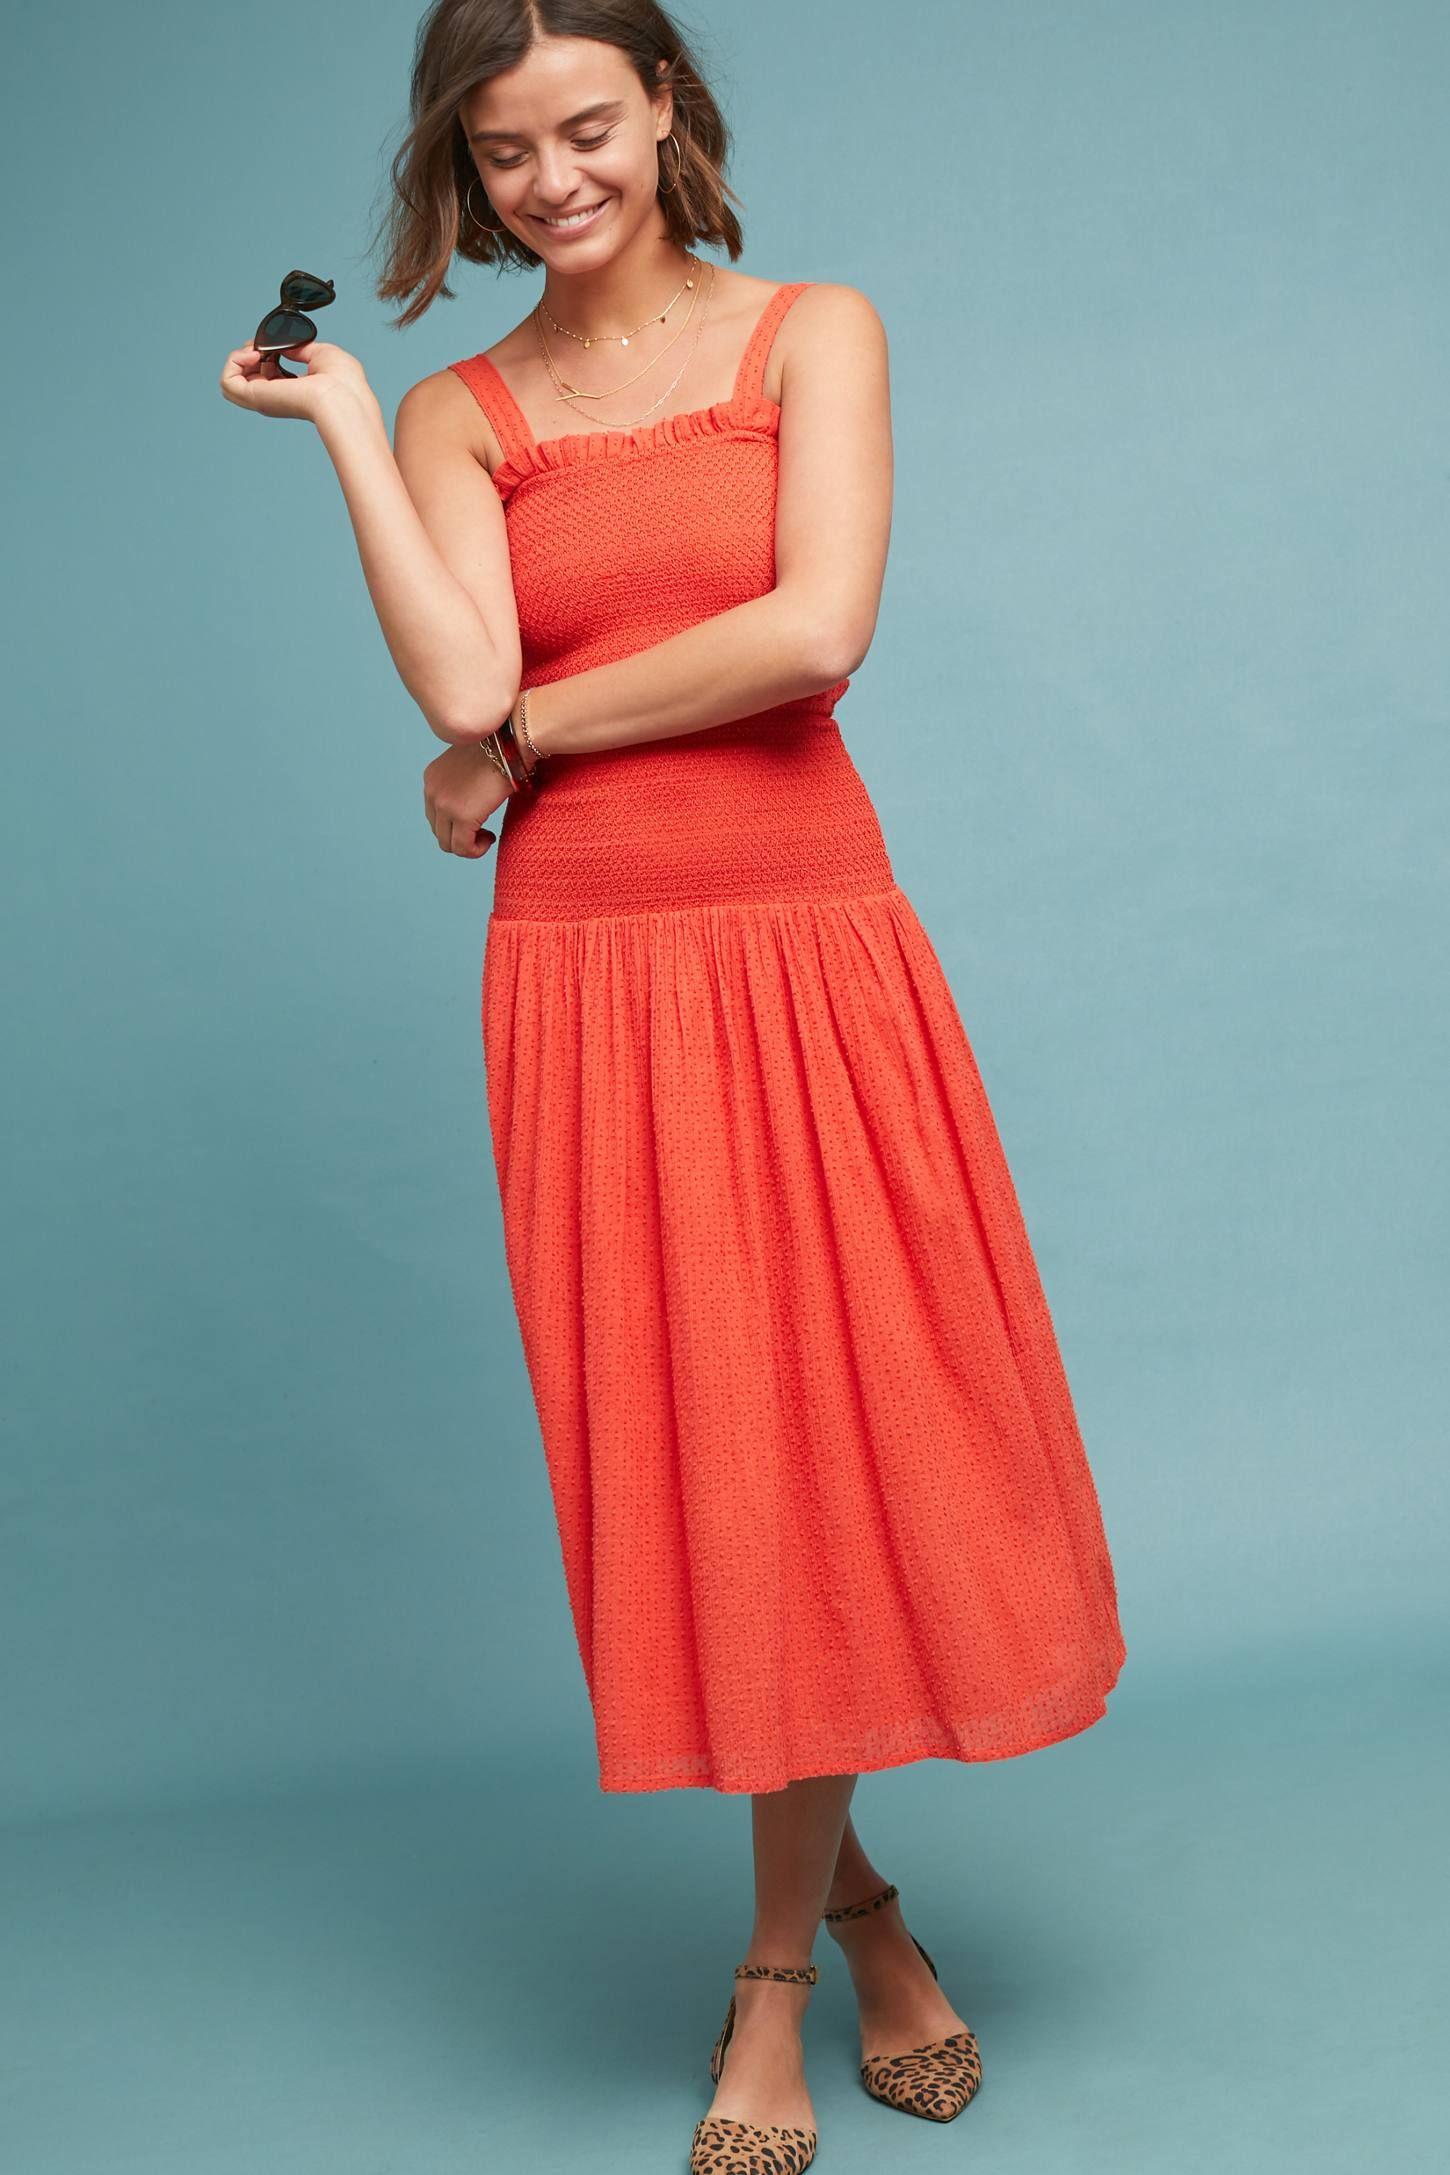 c5877db7a807 Bisou Midi Dress in 2019 | Editor Wish List | Pinterest | Dresses ...